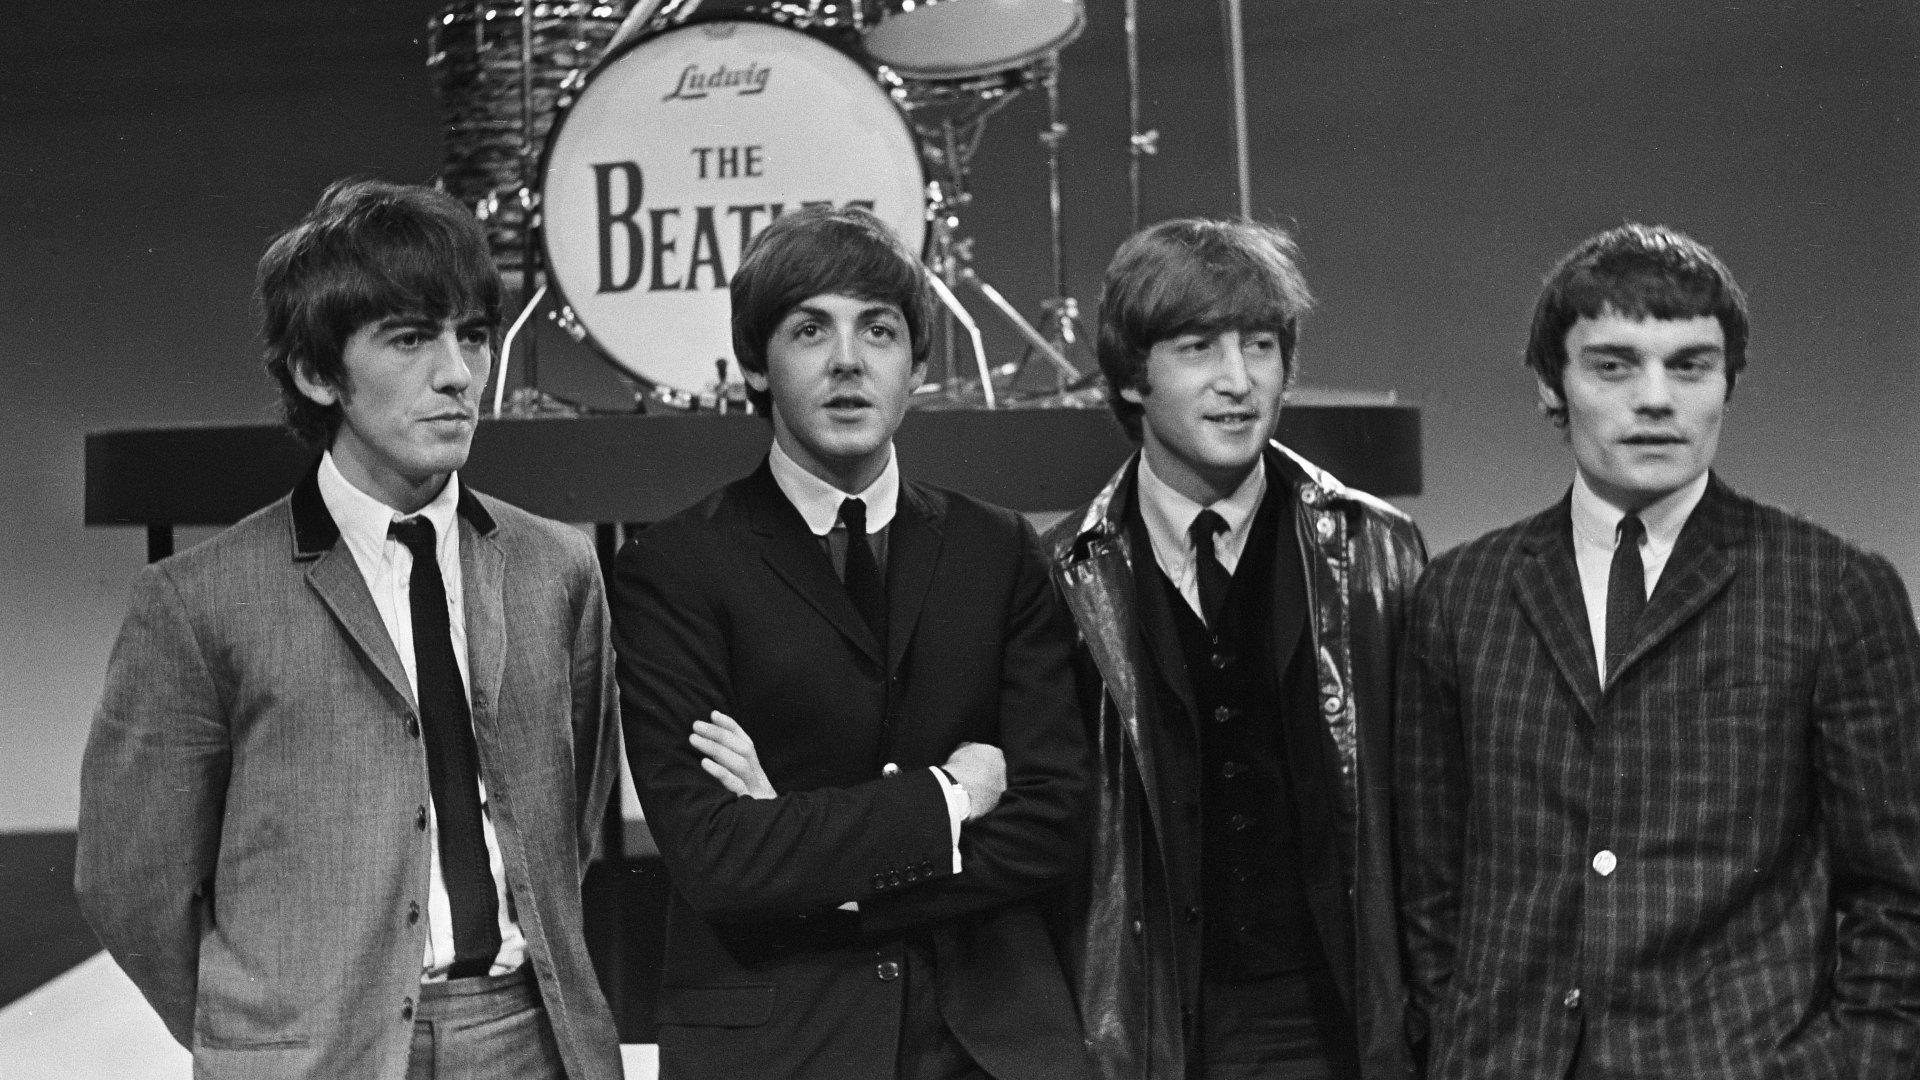 Liverpool'a Beatles'ın Gözünden Bakmak